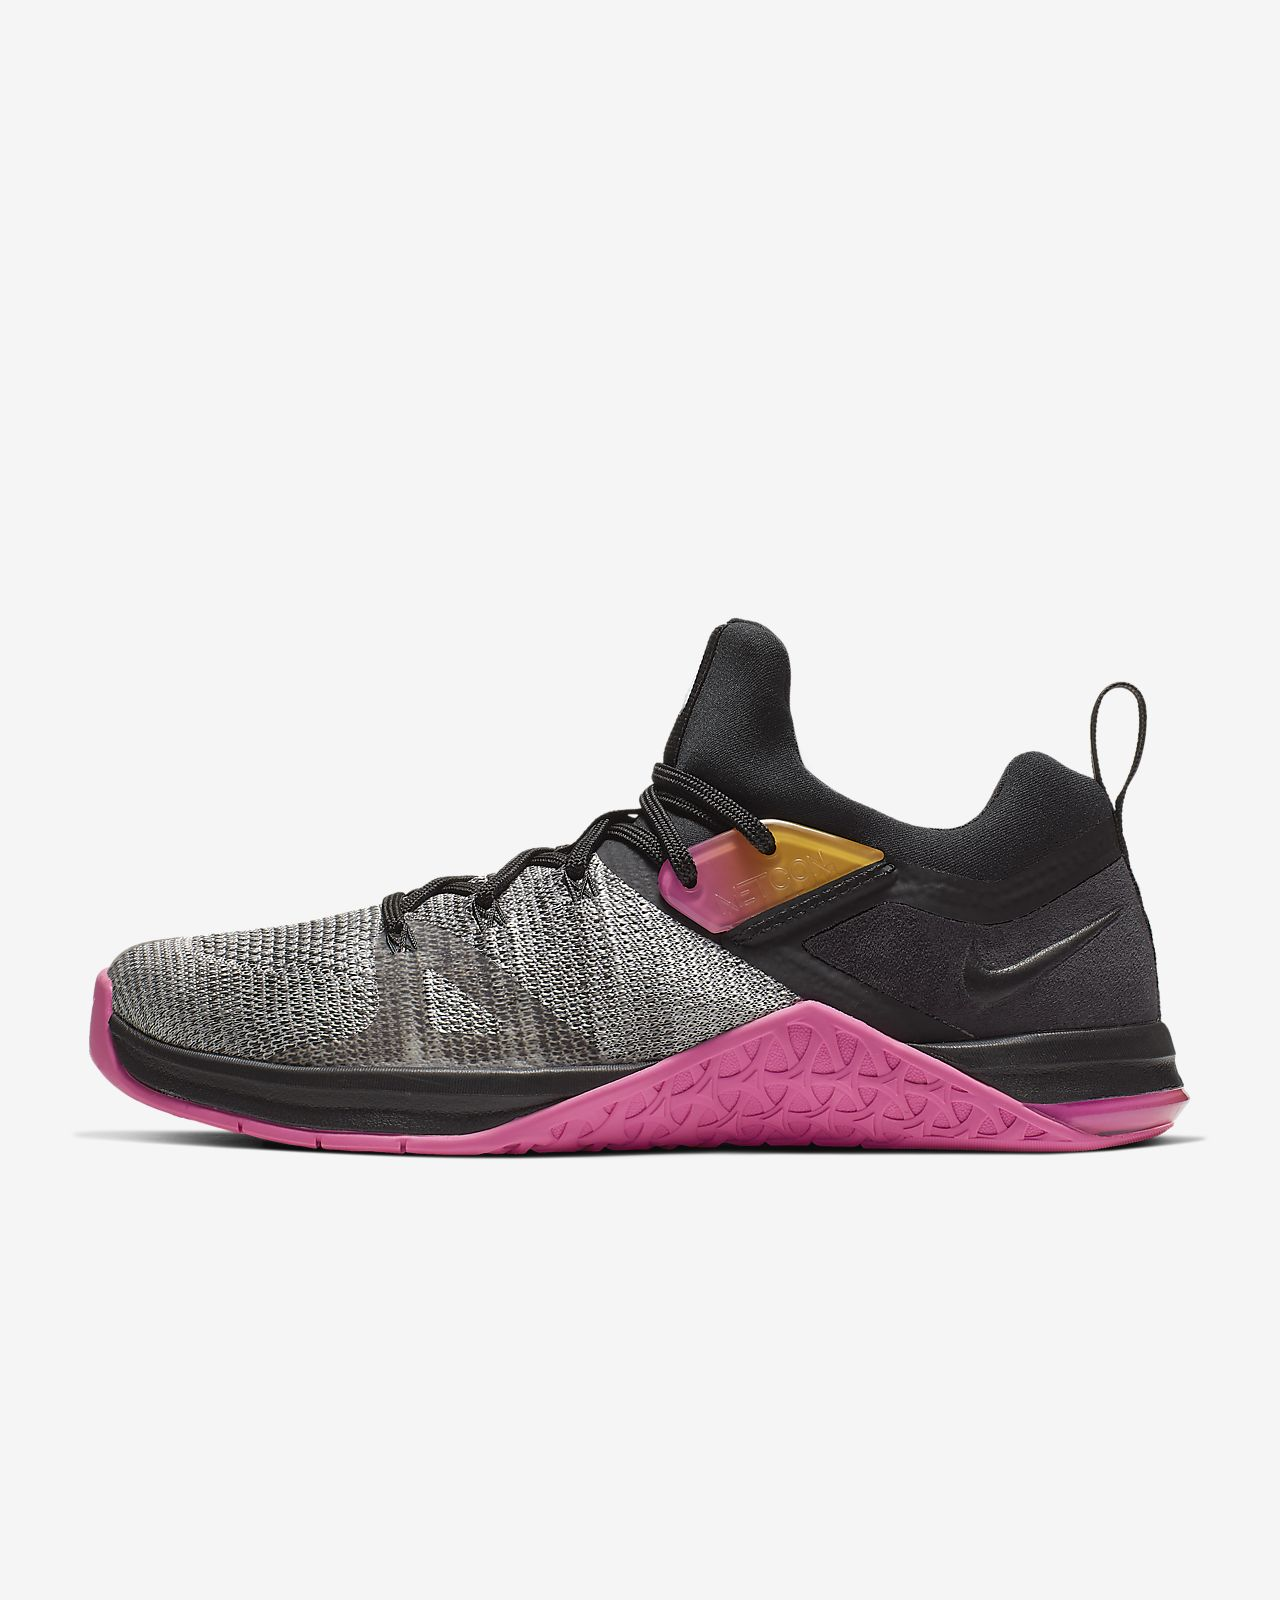 newest d9caf 1c475 ... Chaussure de cross-training et de renforcement musculaire Nike Metcon  Flyknit 3 pour Femme